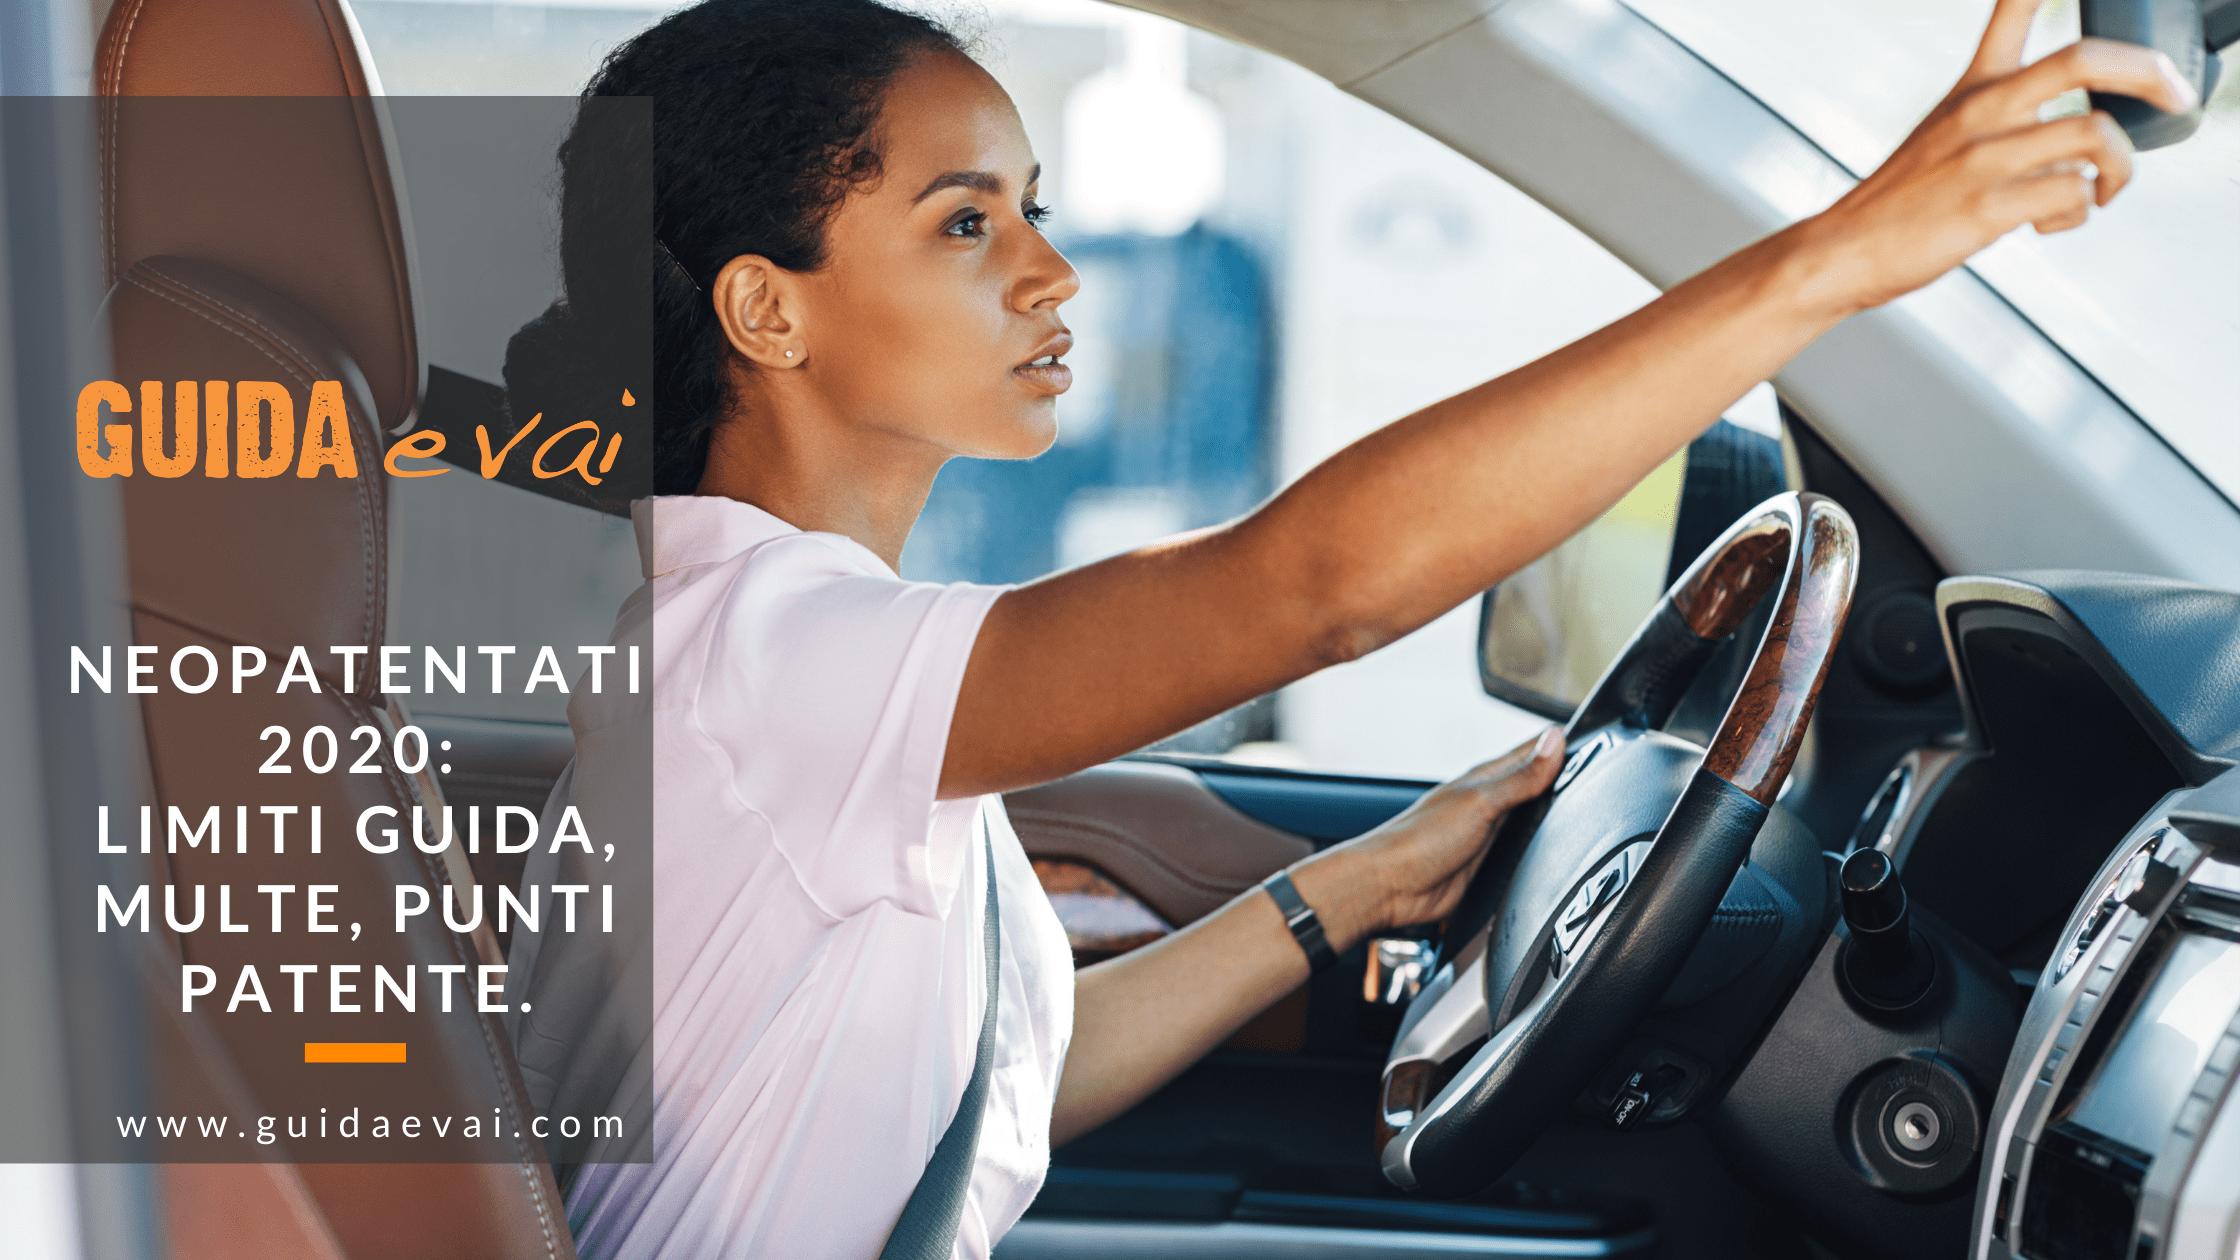 Neopatentati 2020: limiti alla guida, multe e bonus punti patente!